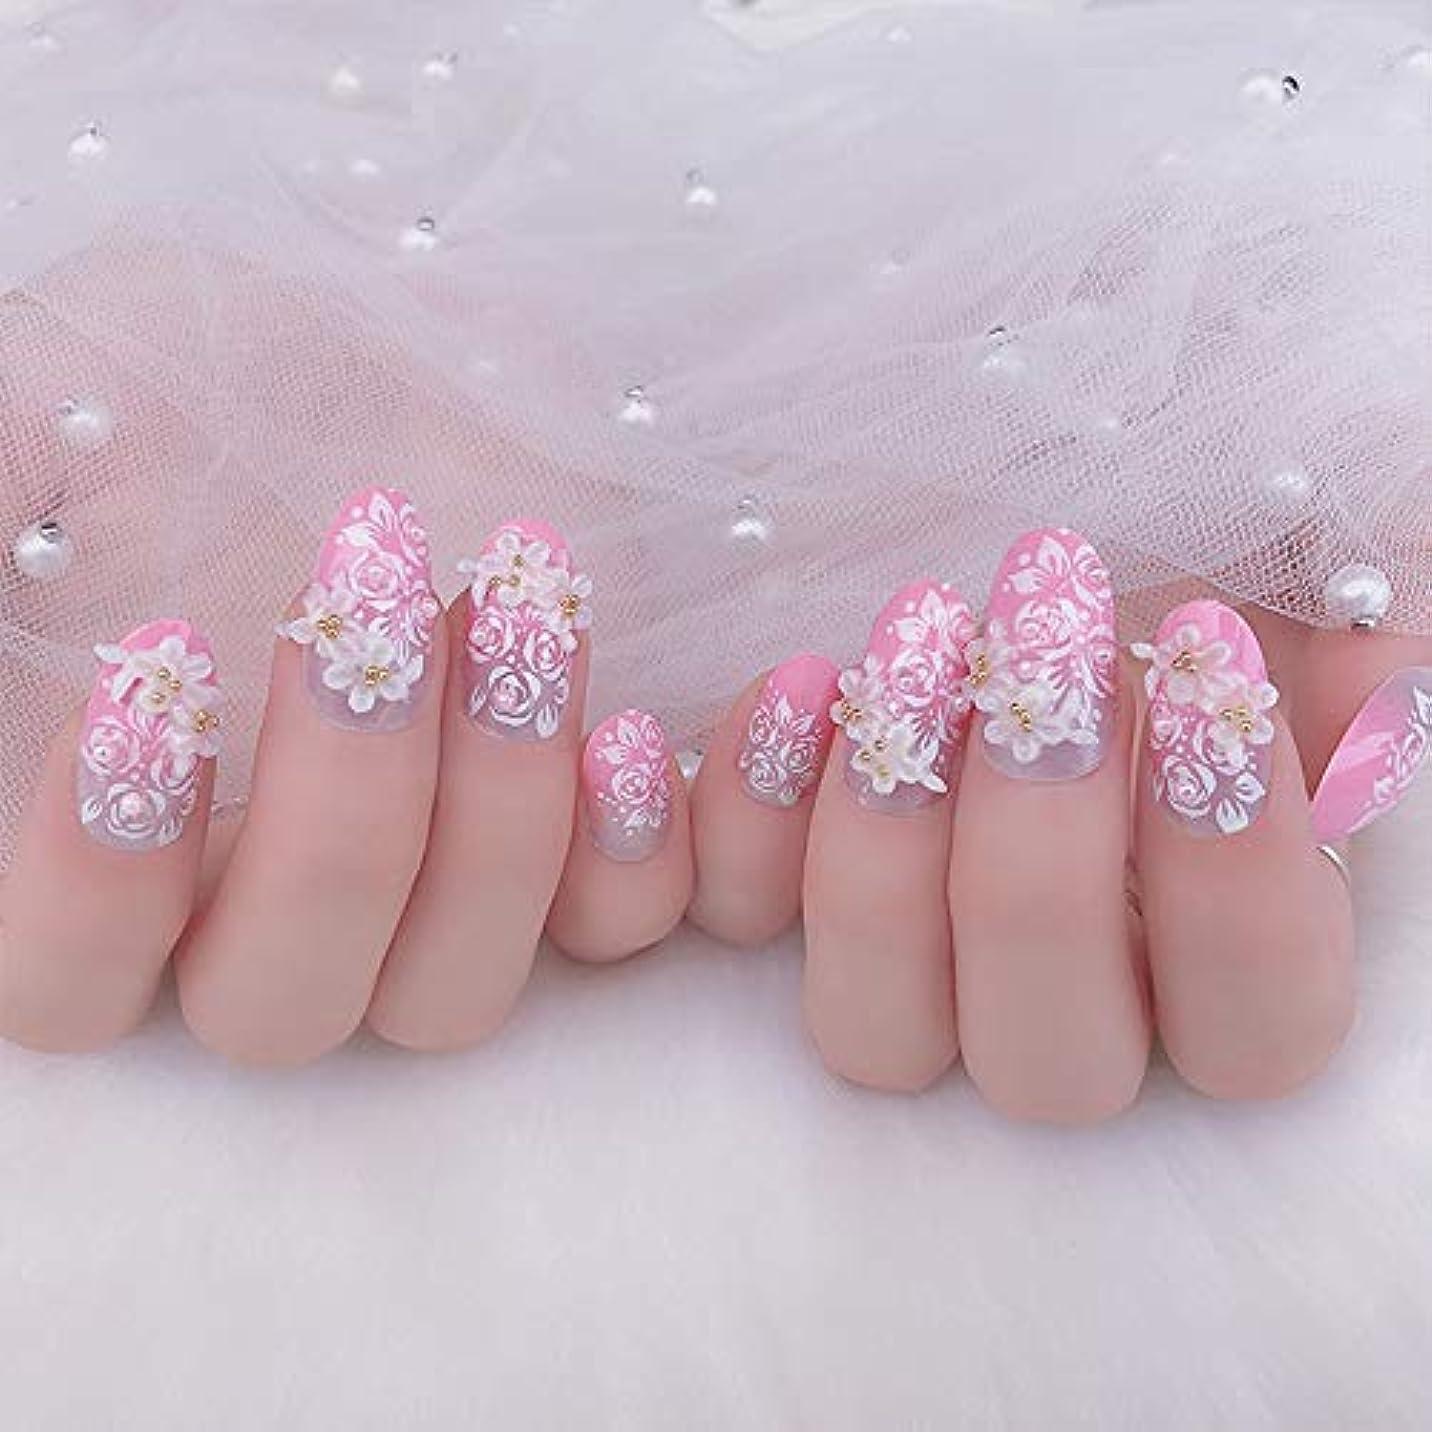 監督する印をつける銀XUTXZKA ピンクカラー人工ネイル花嫁の結婚式輝くラインストーン偽ネイル花フルカバーネイルのヒント24ピース/セット